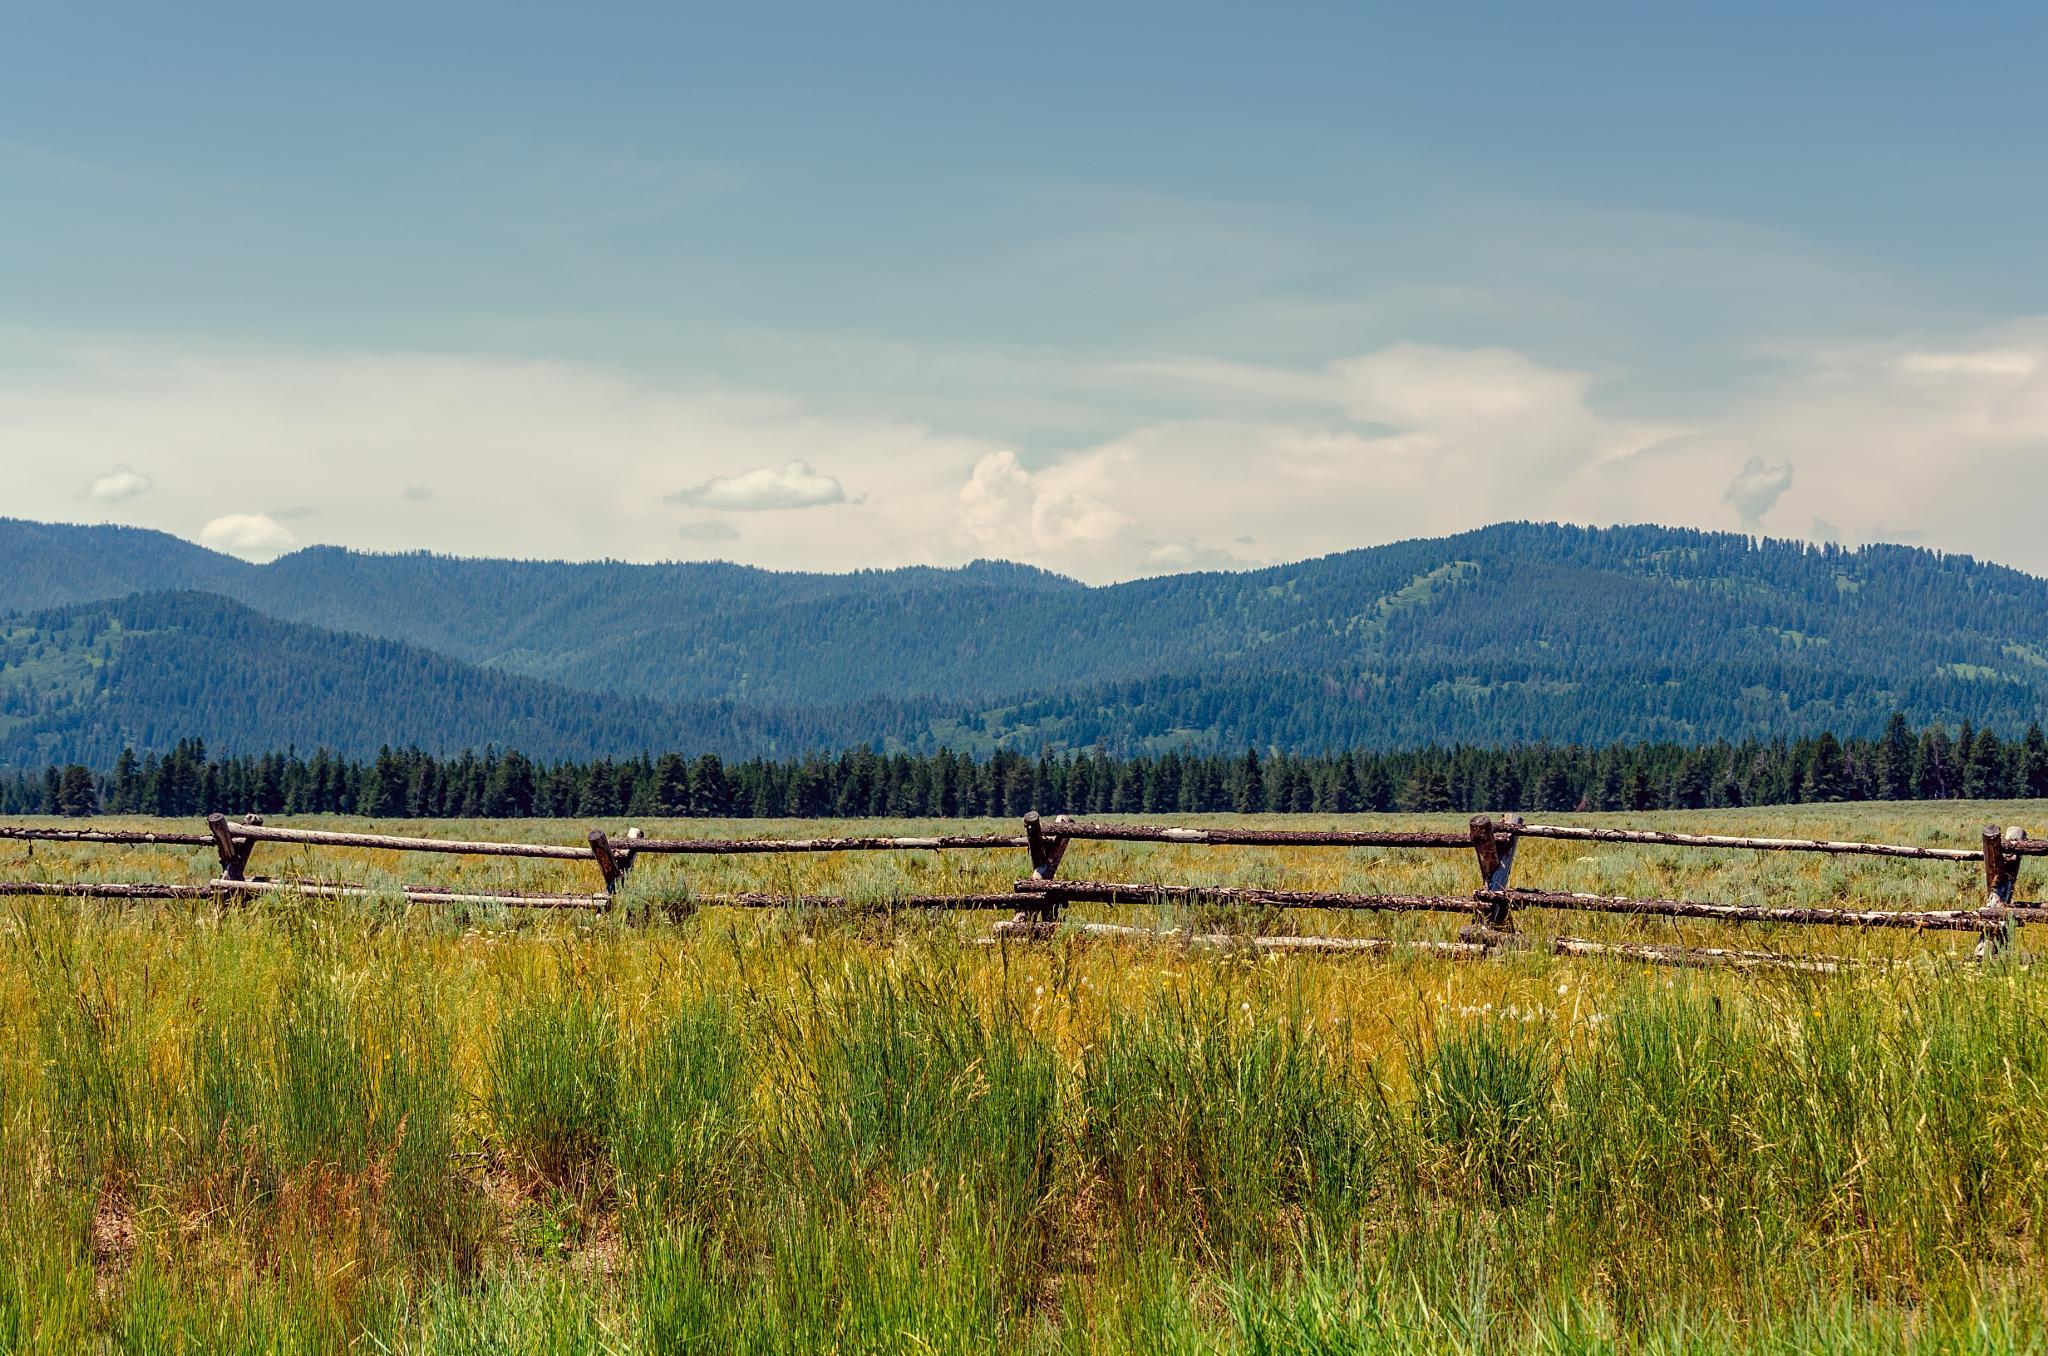 Somewhere around Wyoming by ßerenice